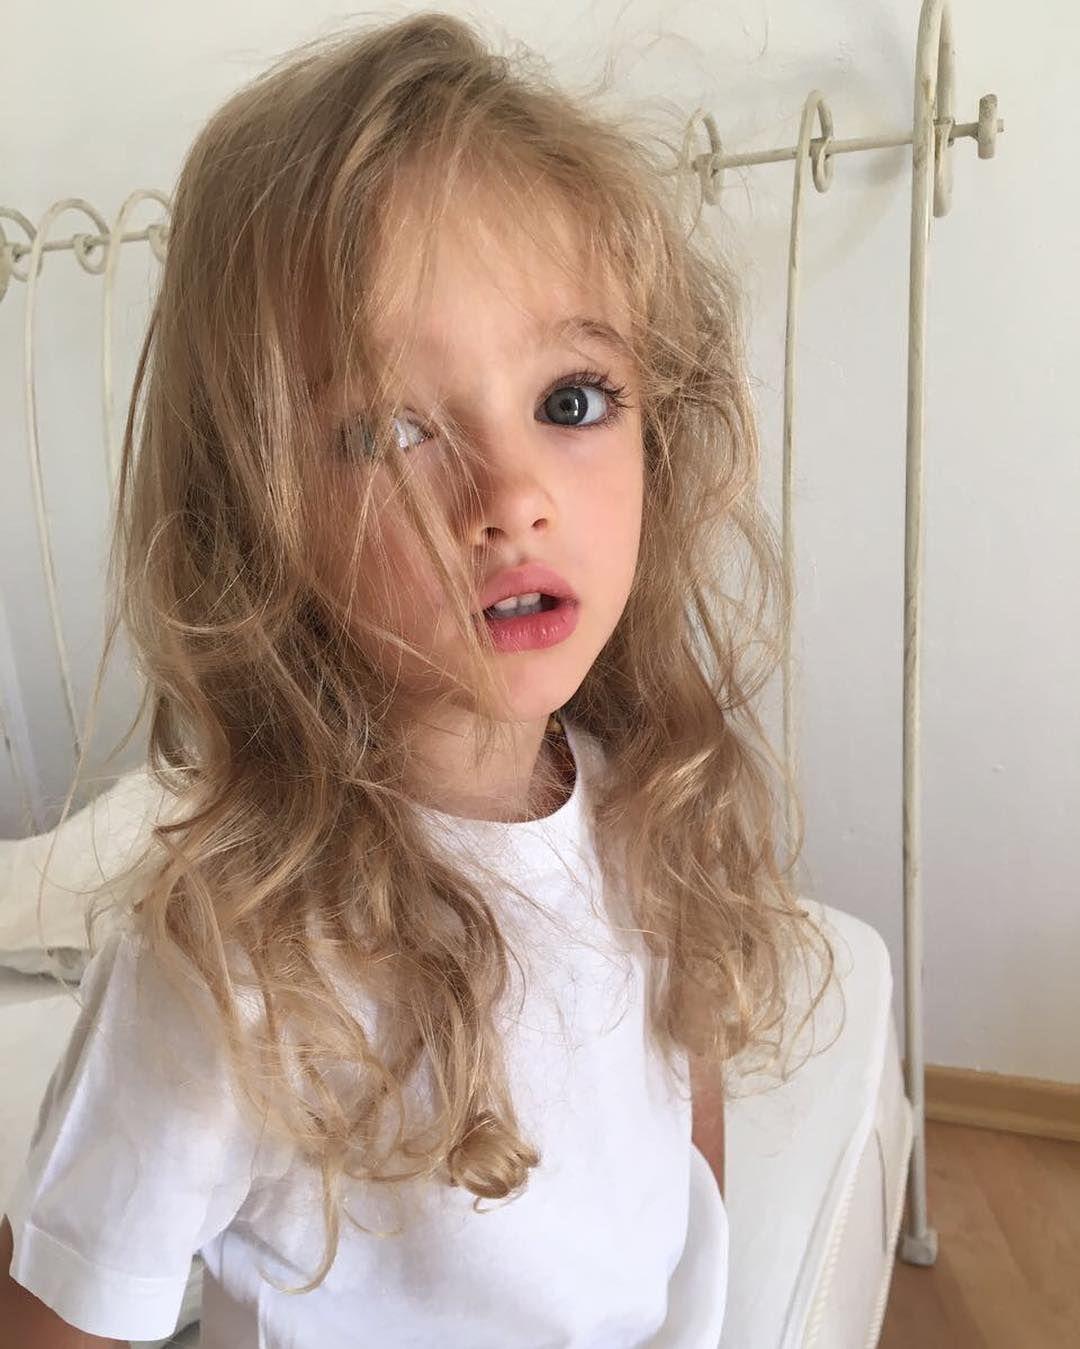 Beautiful Little Girl Bedrooms: Ivanka Kuvaeva @kuvaevanika => @topministarmodels _ Ivanka